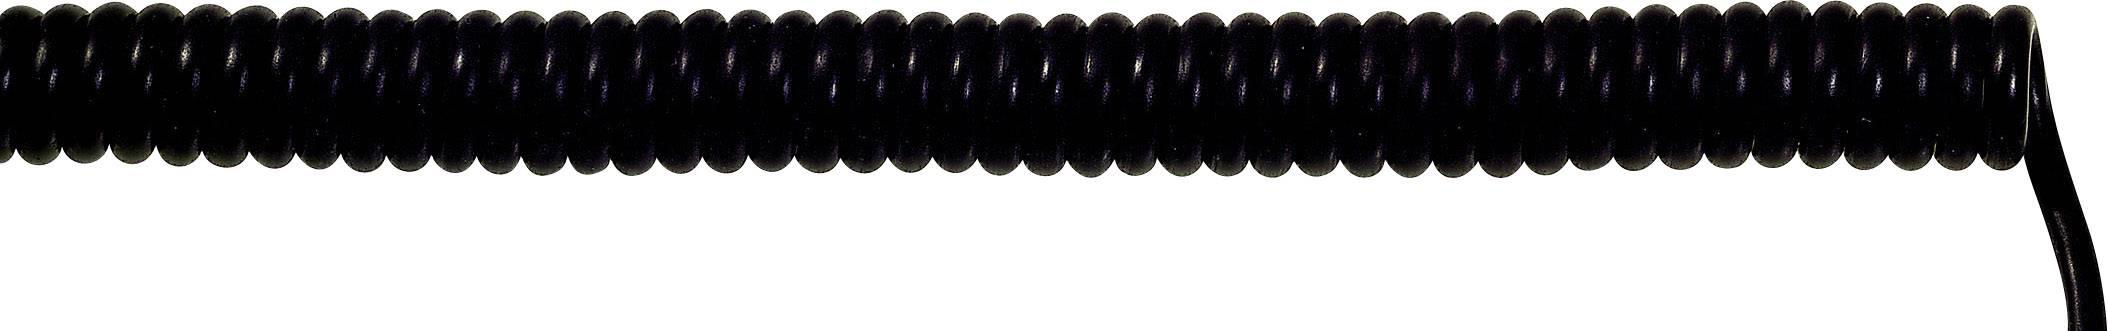 Špirálový kábel 73220217 UNITRONIC® SPIRAL 5 x 0.14 mm², 300 mm / 1200 mm, čierna